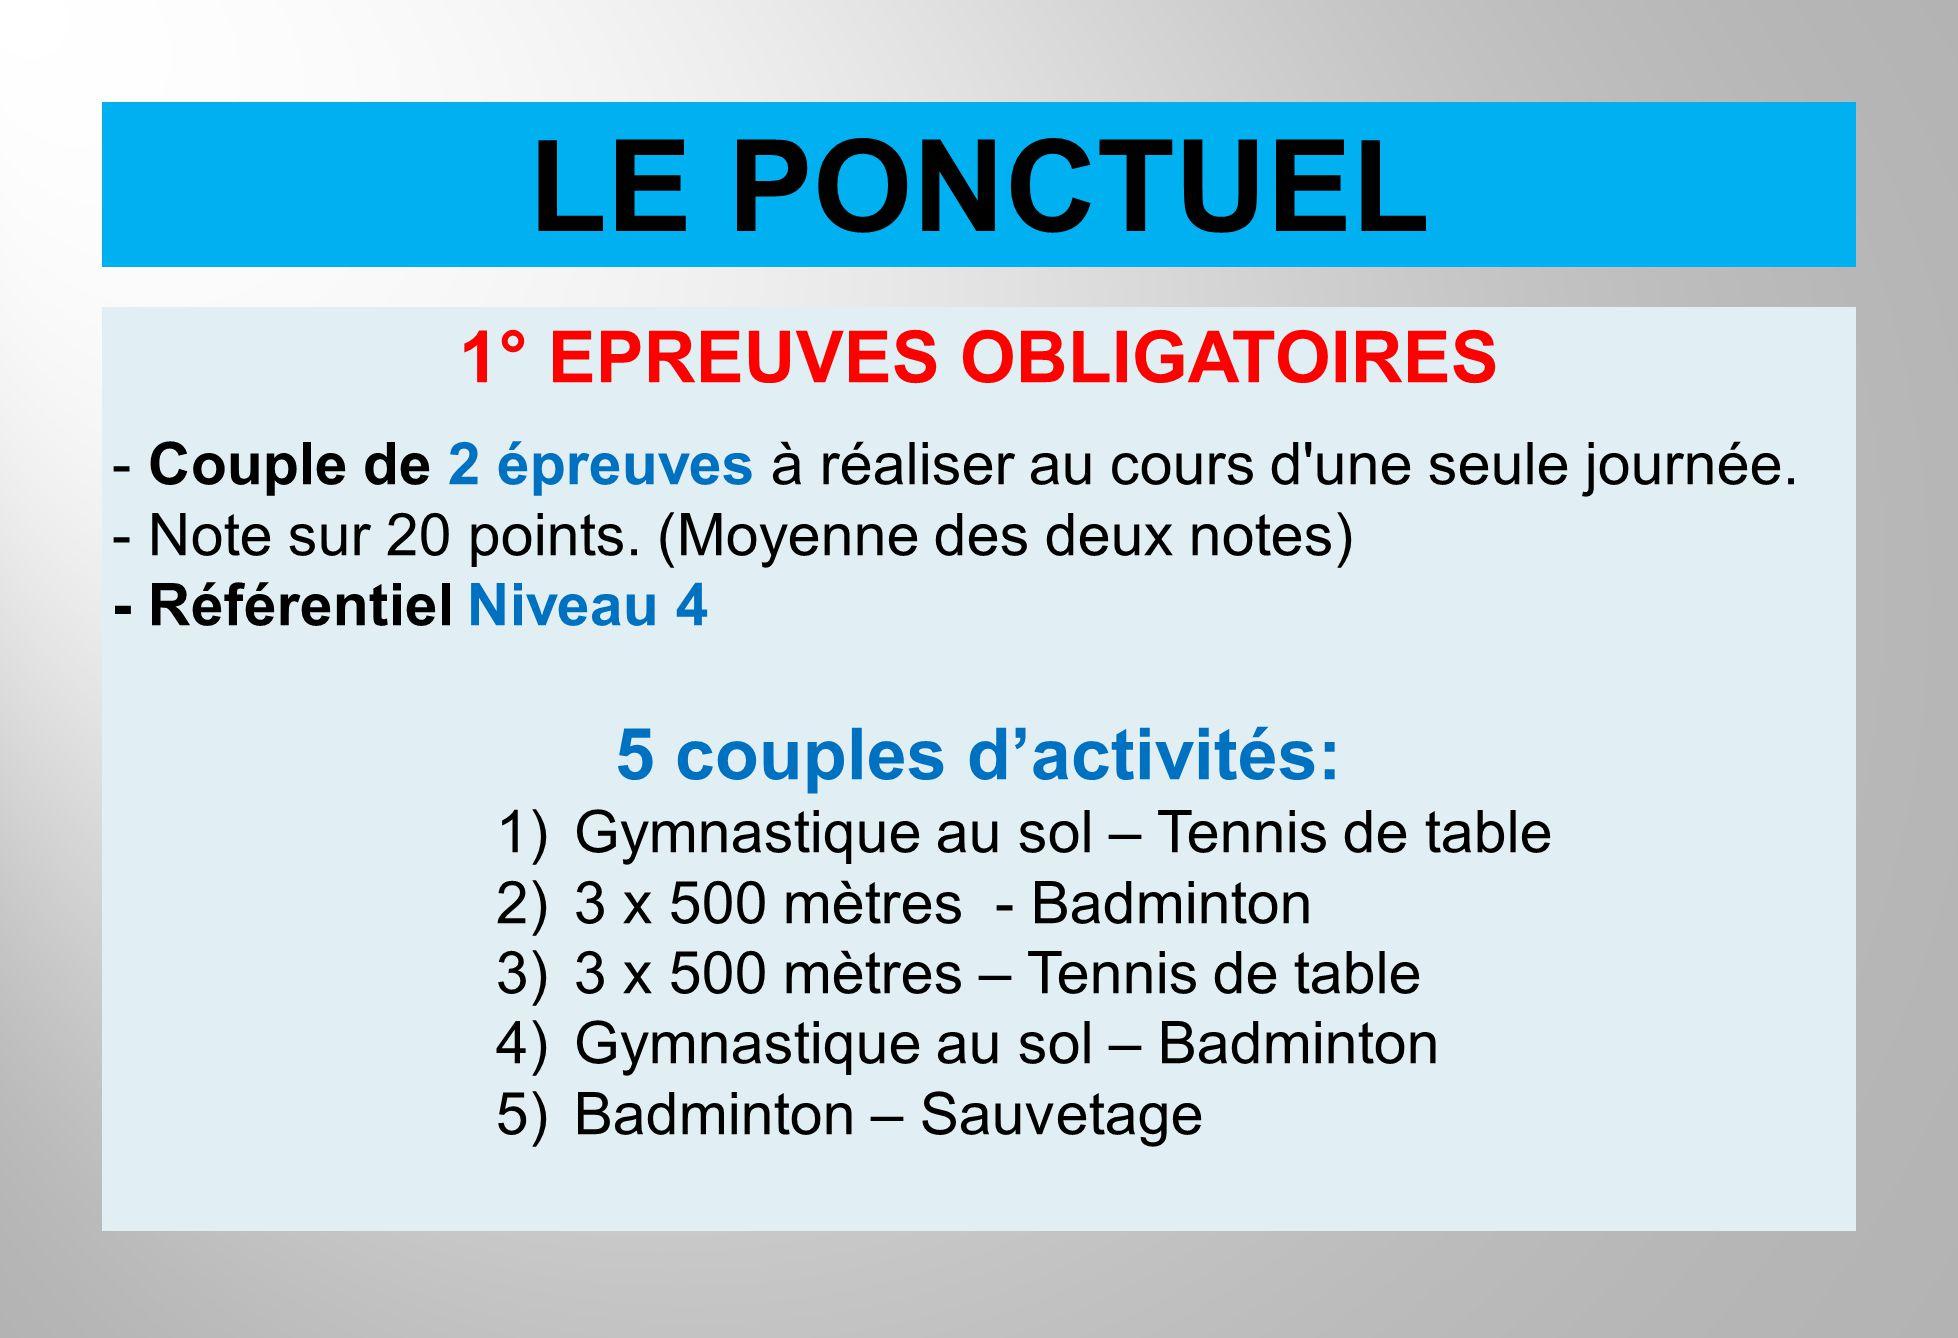 LE PONCTUEL suite 2° LES EPREUVES FACULTATIVES (OPTION) Co évaluation obligatoire UNE PRESTATION physique : Tennis, judo et natation de distance Danse (chorégraphie individuelle) 1 APSA au choix parmi les 3 épreuves nationales (Tennis, judo et natation de distance) ou 1 épreuve académique Danse (chorégraphie individuelle) 80% de la note, référentiel sur 20pts (ramenés à 16 points); Niveau 5 exigé.